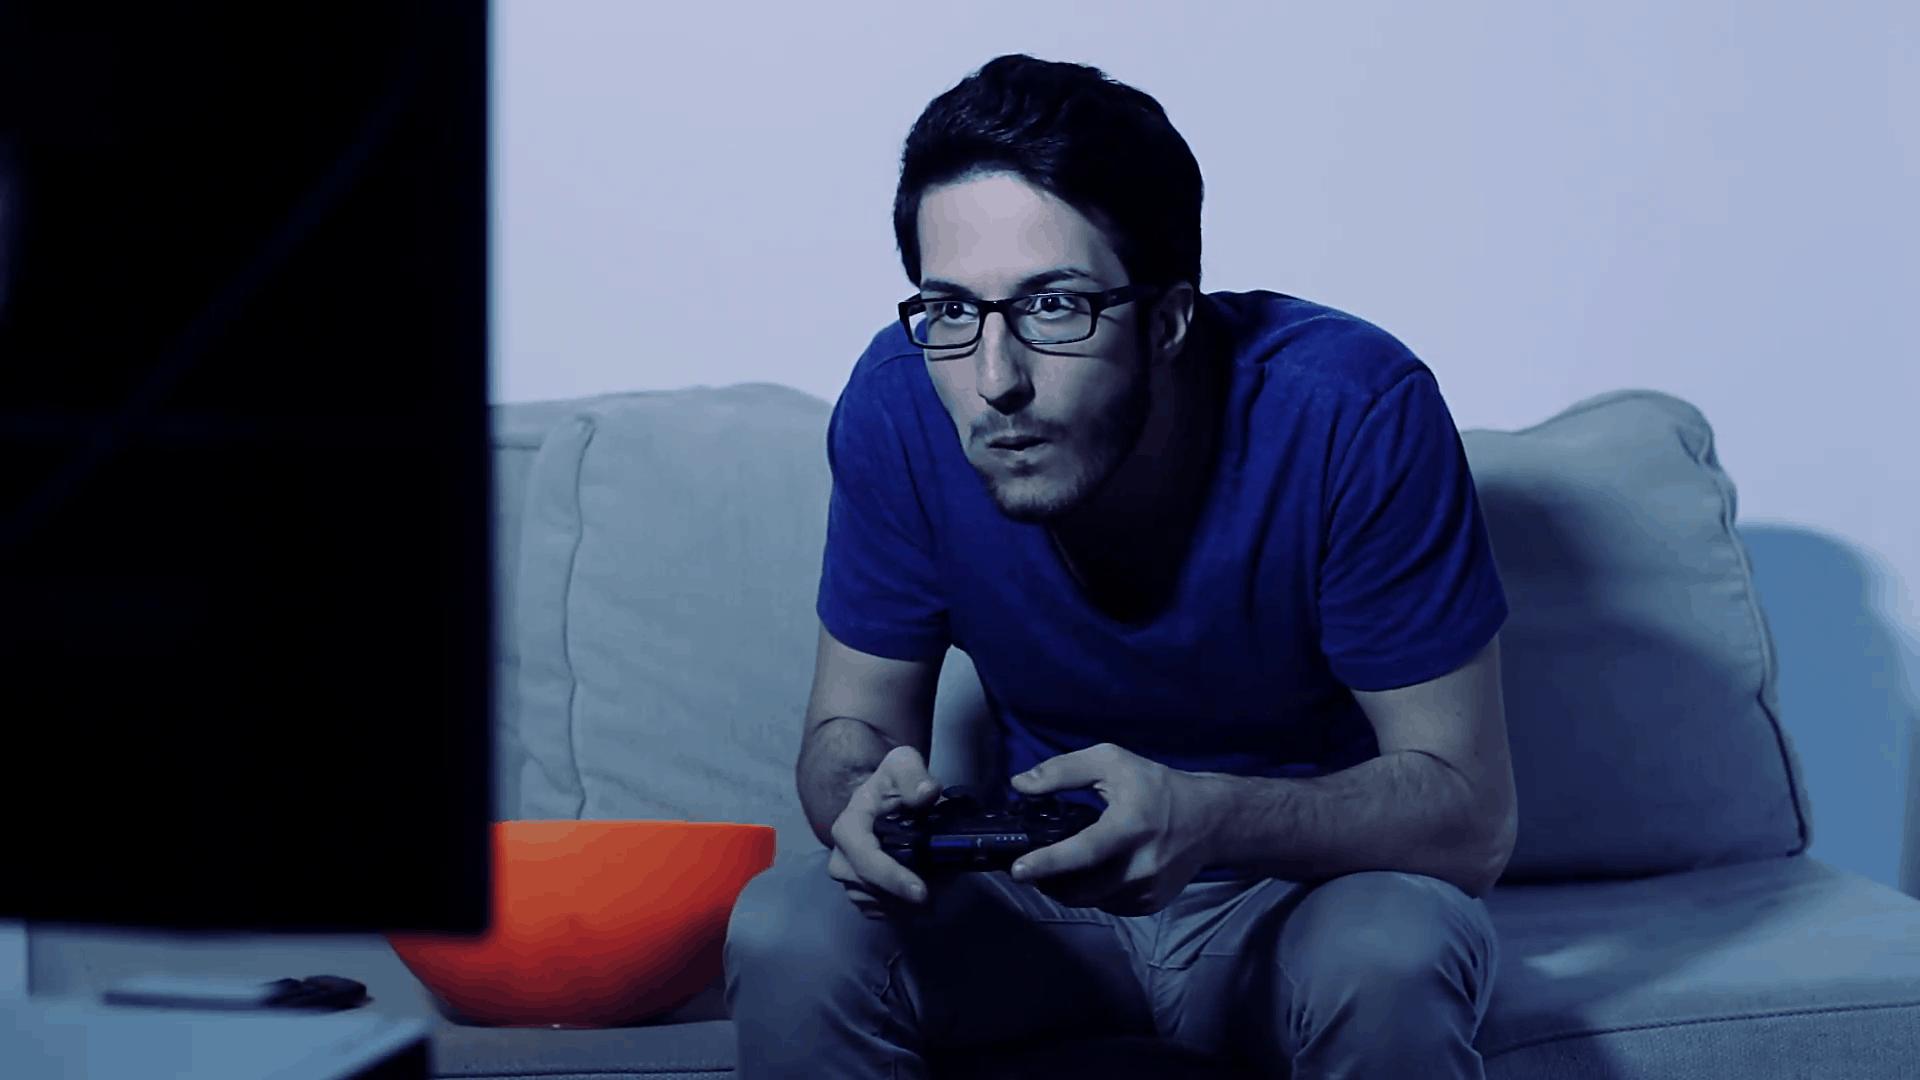 Dipendenza da videogiochi - smettere di giocare